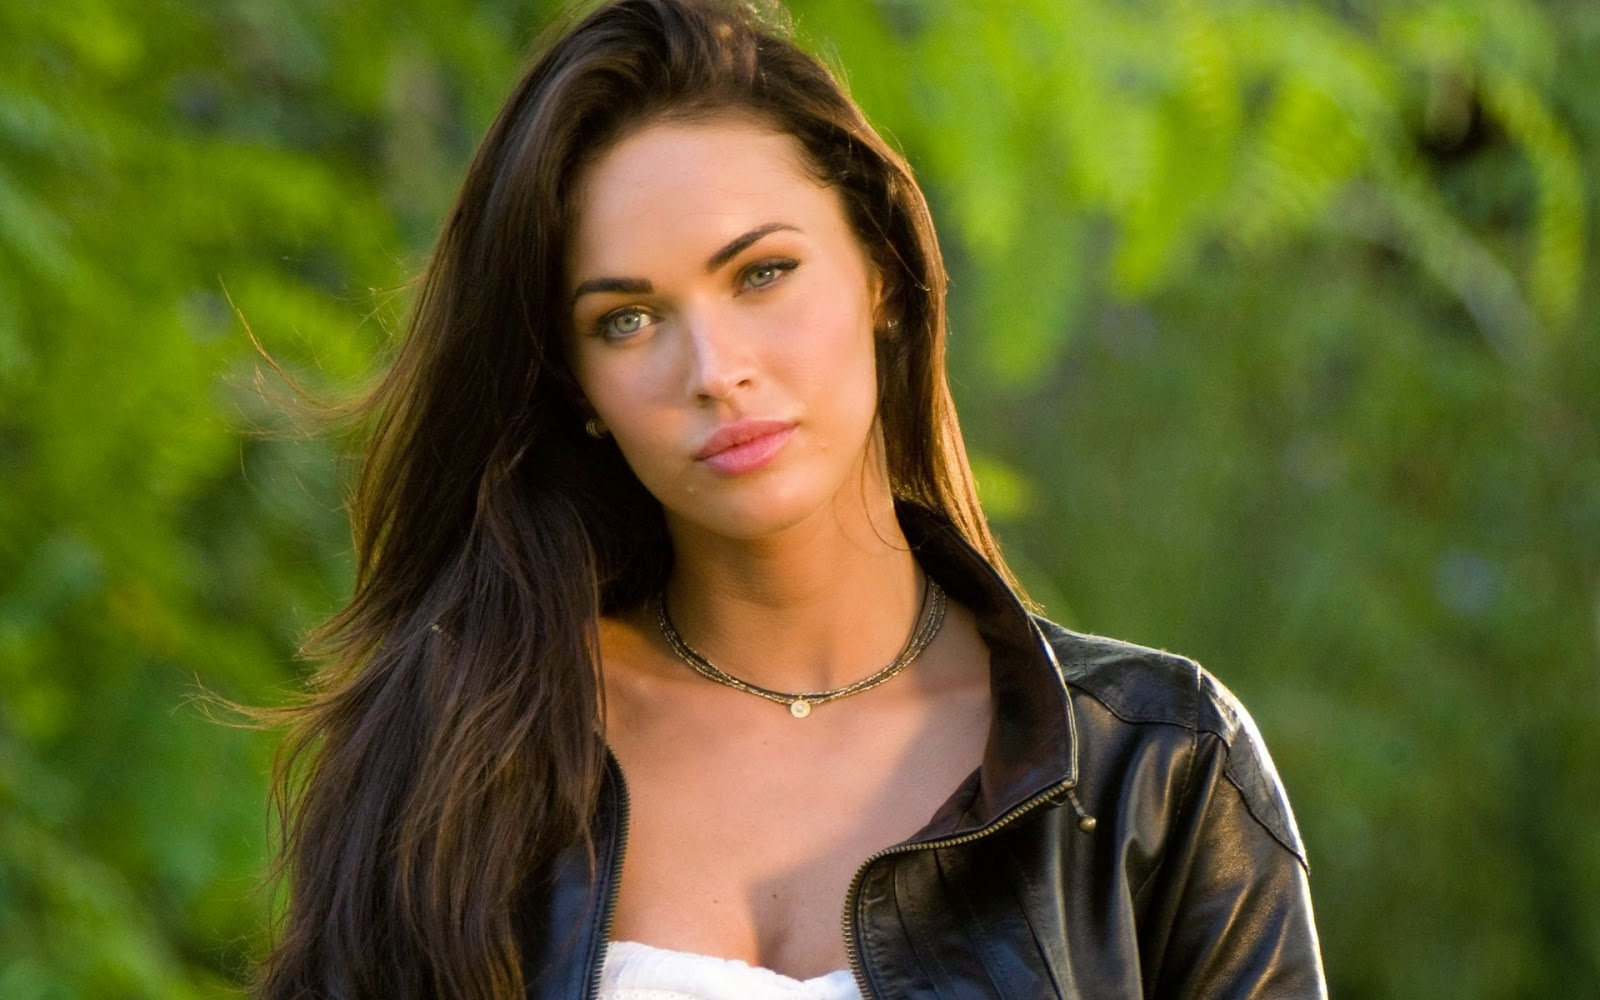 Megan fox best model images celebrities hot wallpapers for Foto top